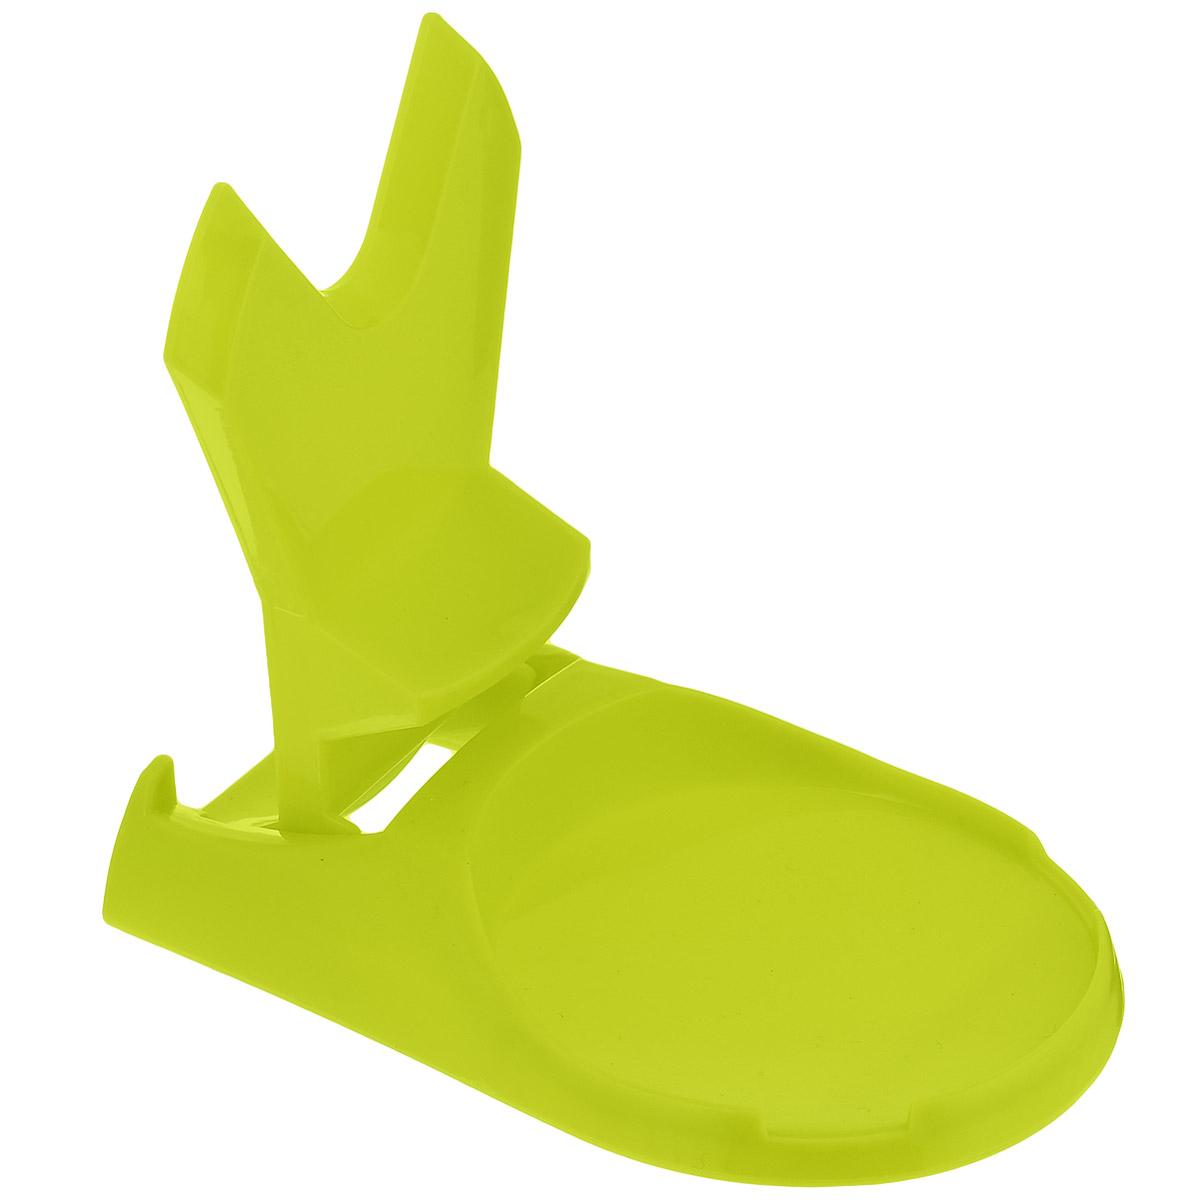 Подставка для крышки и ложки Bradex Помогайка, цвет: зеленыйTK 0124Каждая уважающая себя хозяйка знает, как сложно сохранить порядок на кухне во время готовки. Но с помощью подставки Bradex Помогайка вы в любой момент можете надежно закрепить ложку и крышку от кастрюли, не запачкав при этом поверхность стола или кухонной стойки и без отрыва от готовки. Стильный дизайн аксессуара, несомненно, украсит вашу кухню и обновит ее внешний вид. Вам больше не придется тратить драгоценные минуты на поиск места, куда пристроить только что использованную ложку или крышку. Ваша кухня будет более чистой, так как теперь не придется оттирать пятна от еды, попавшие на стол или пол от приборов, которыми пользуются не раз в процессе готовки. Подходит для крышек и ложек любого размера!